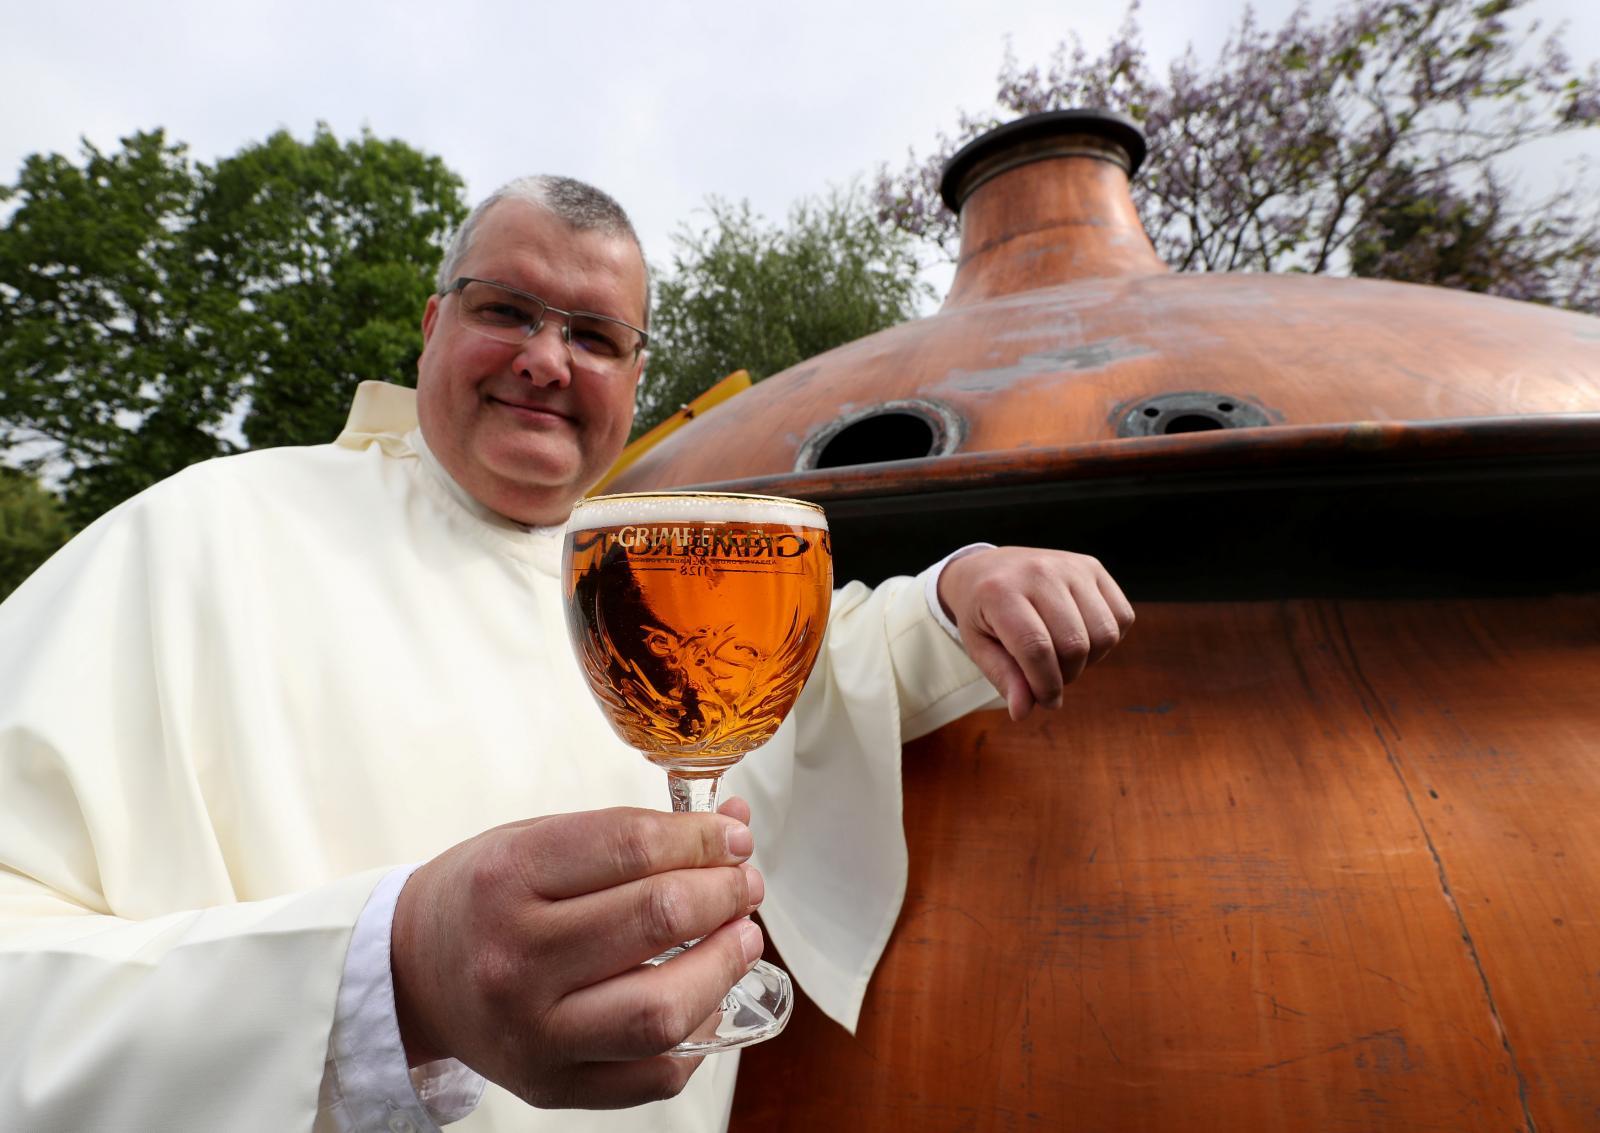 Belgičtí mniši hledali 220 let ztracený recept na pivo. Nakonec ho dokázali uvařit podle starých záznamů